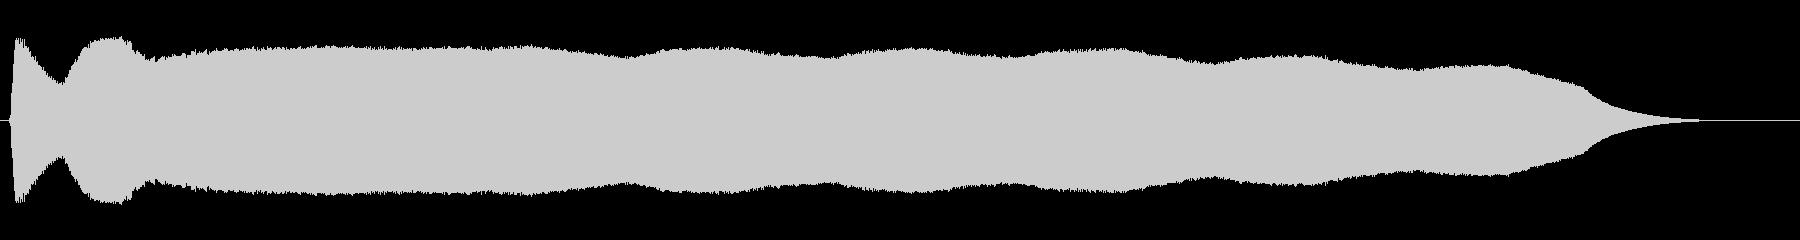 ピヨヨヨヨ(甲高いの電子音による通知)の未再生の波形